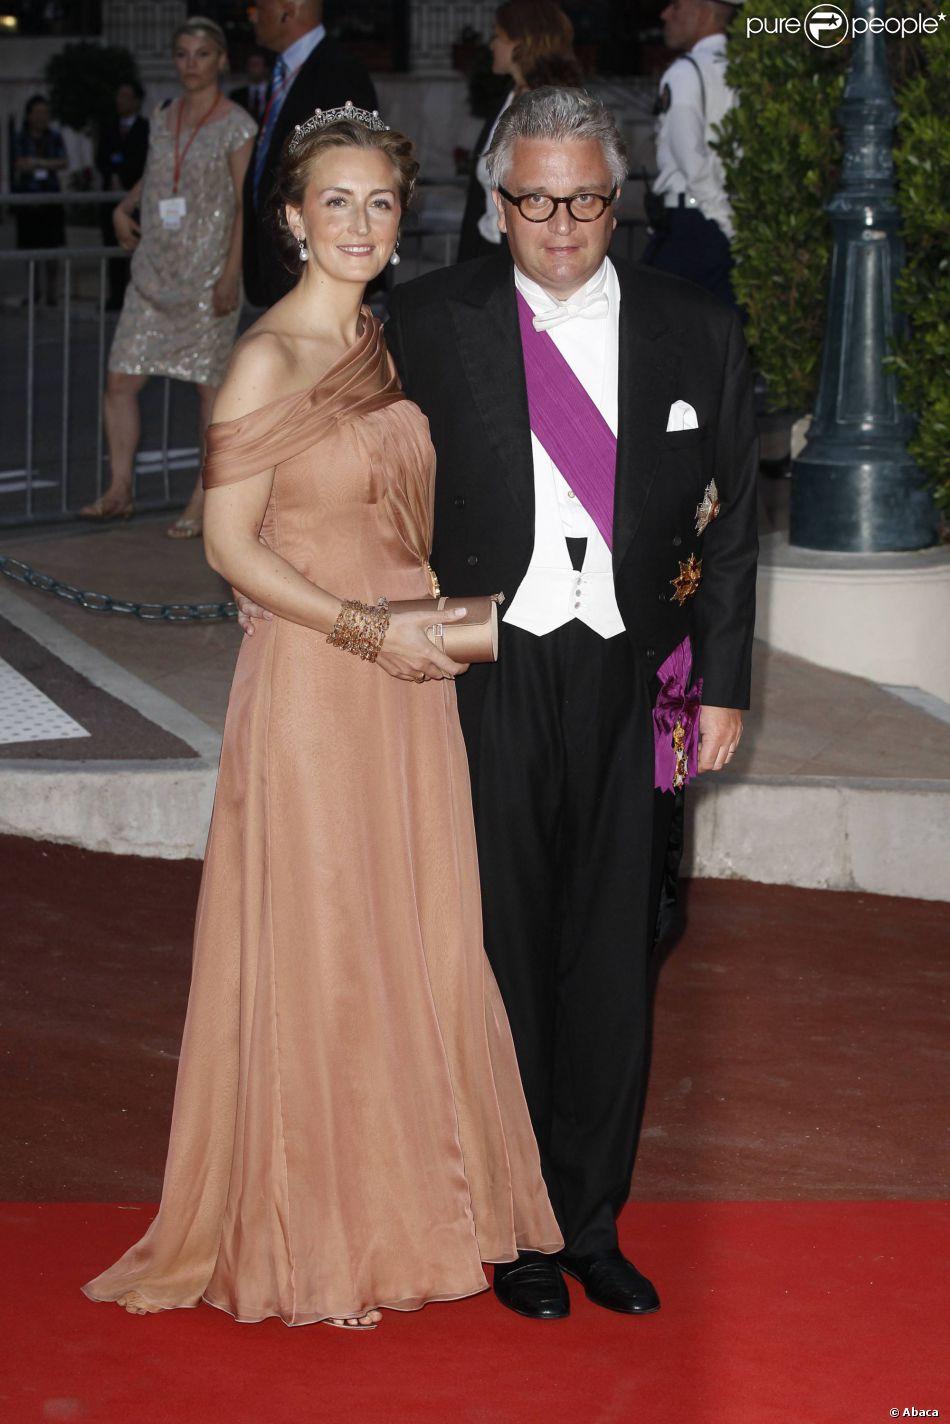 Claire et Laurent de Belgique au dîner du mariage d'Albert et Charlene de Monaco en juillet 2011